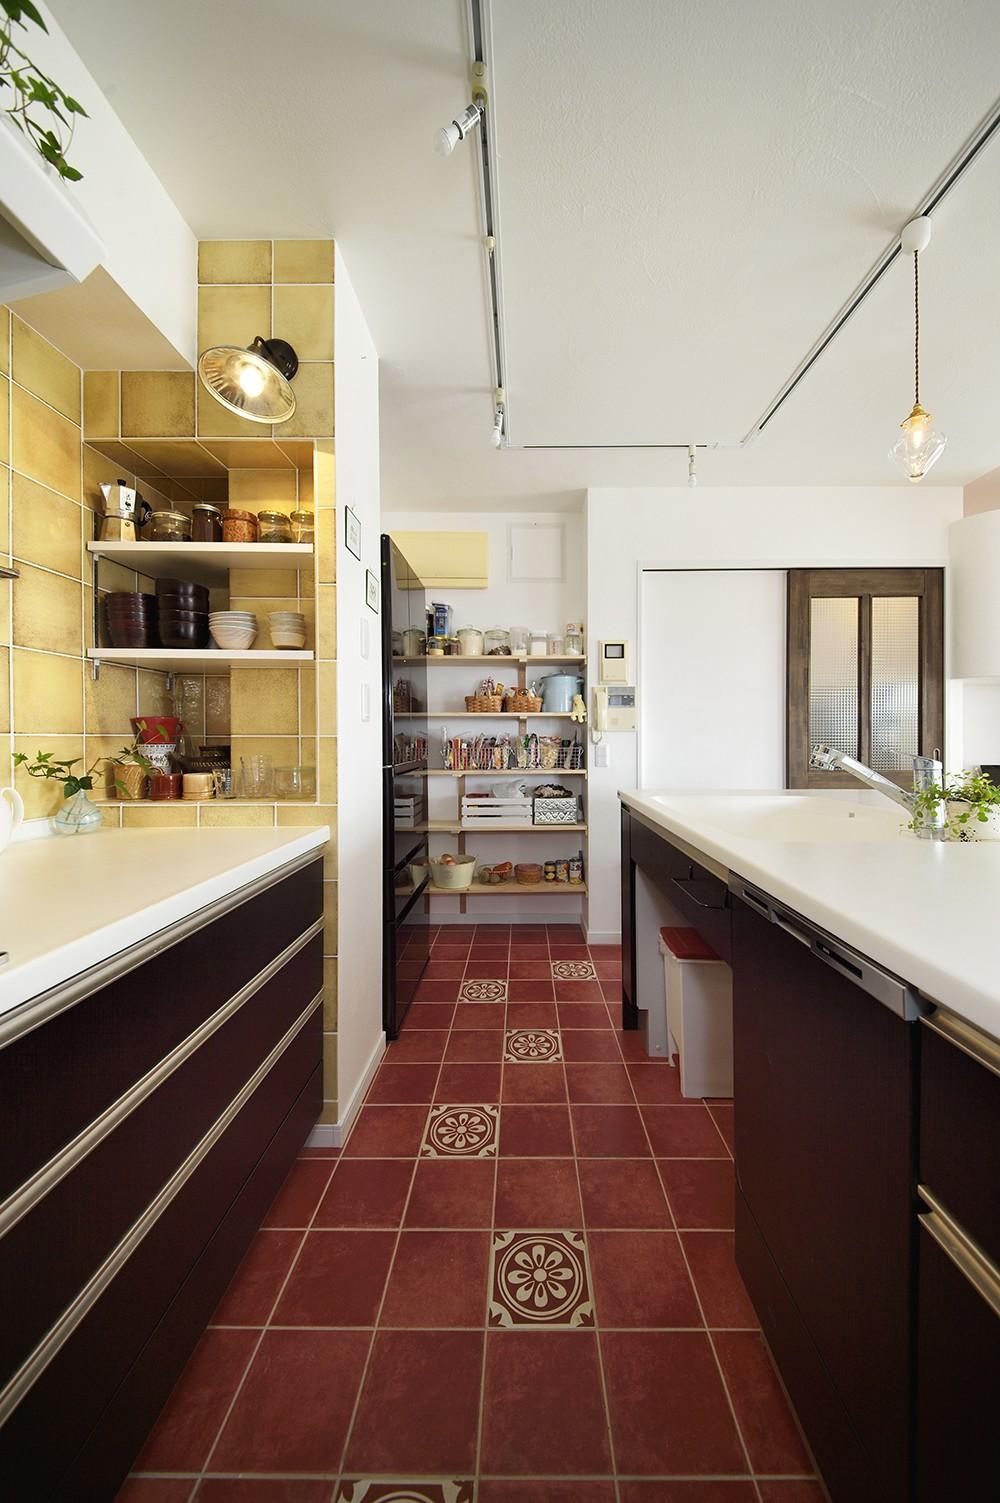 キッチン事例:華やかなタイルデザイン(狭さはアイデアで解消!すっきりおしゃれな住まい)